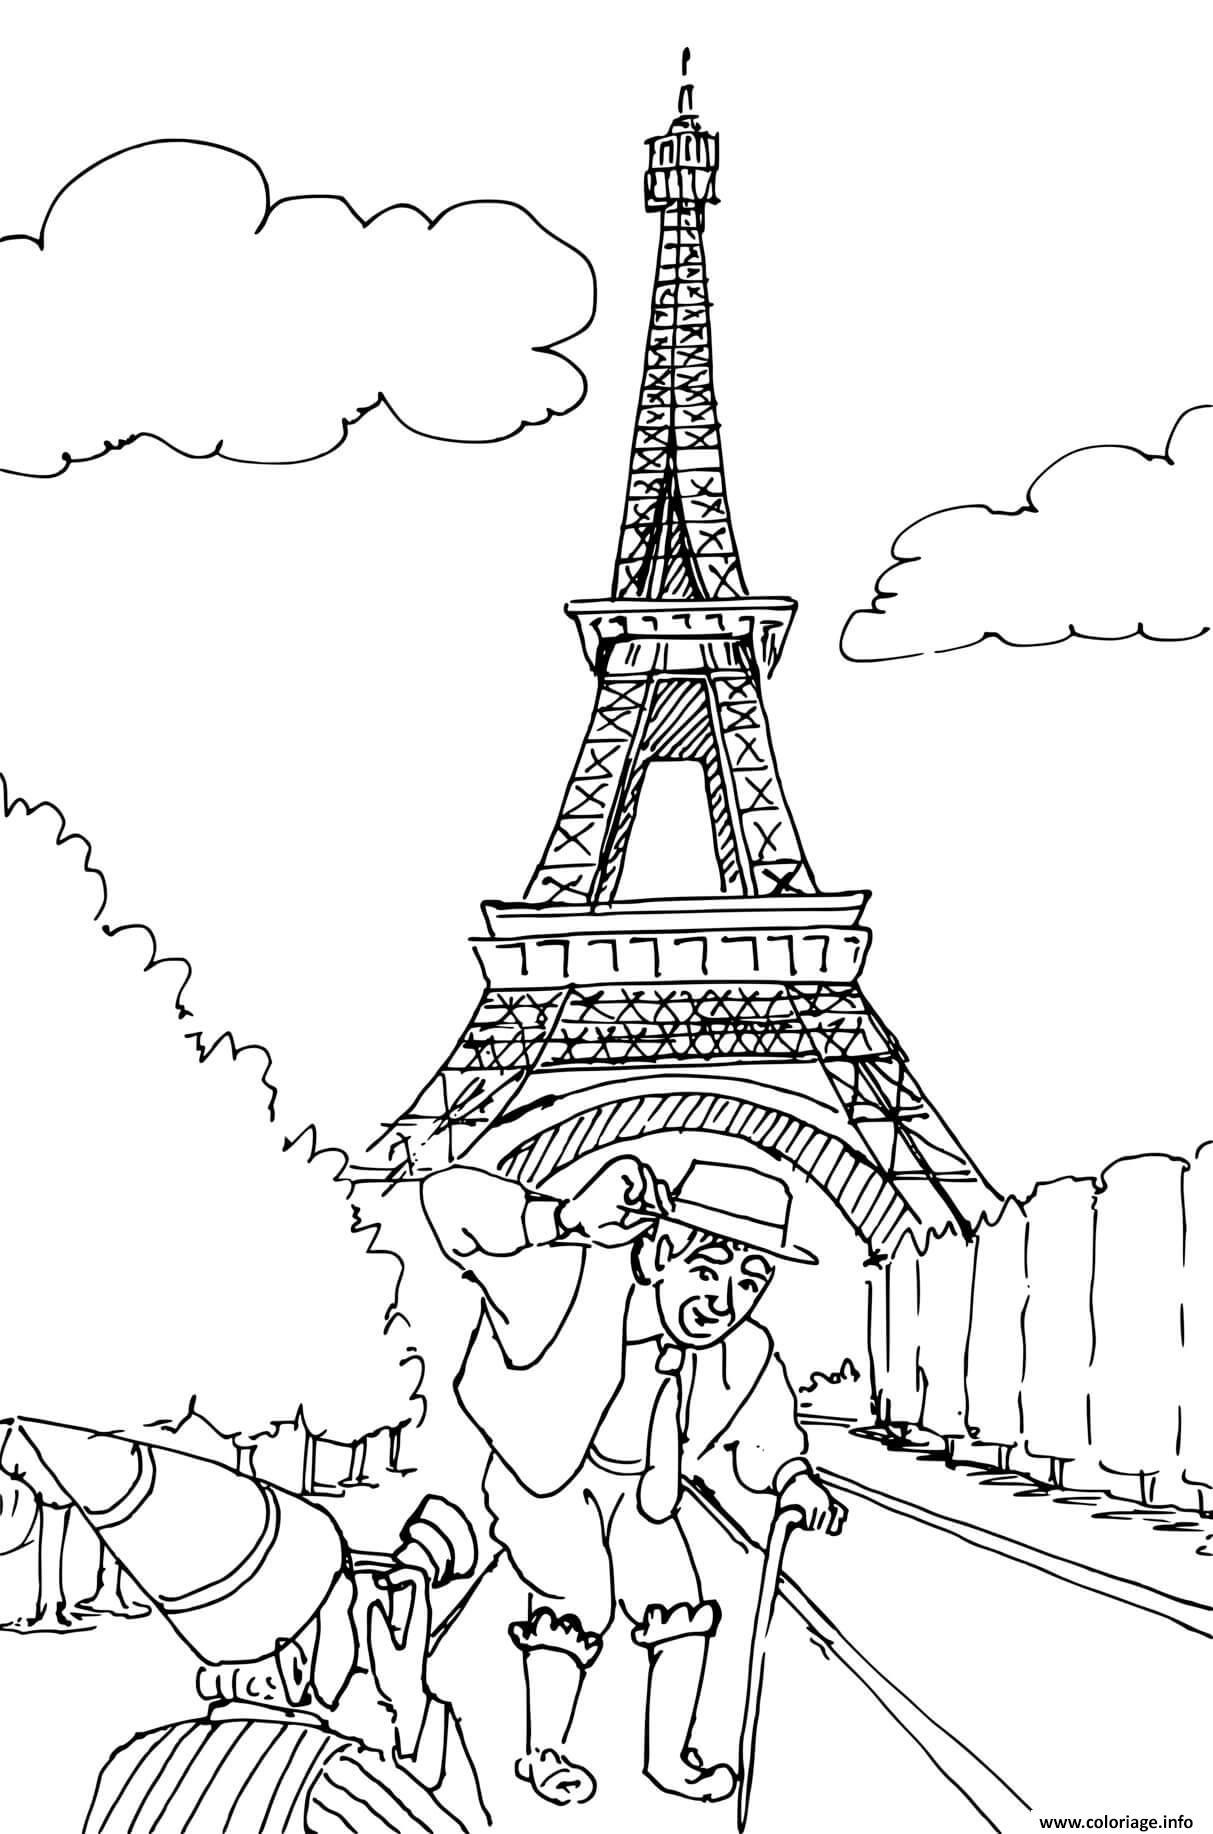 Dessin touriste devant la tour eiffel Coloriage Gratuit à Imprimer